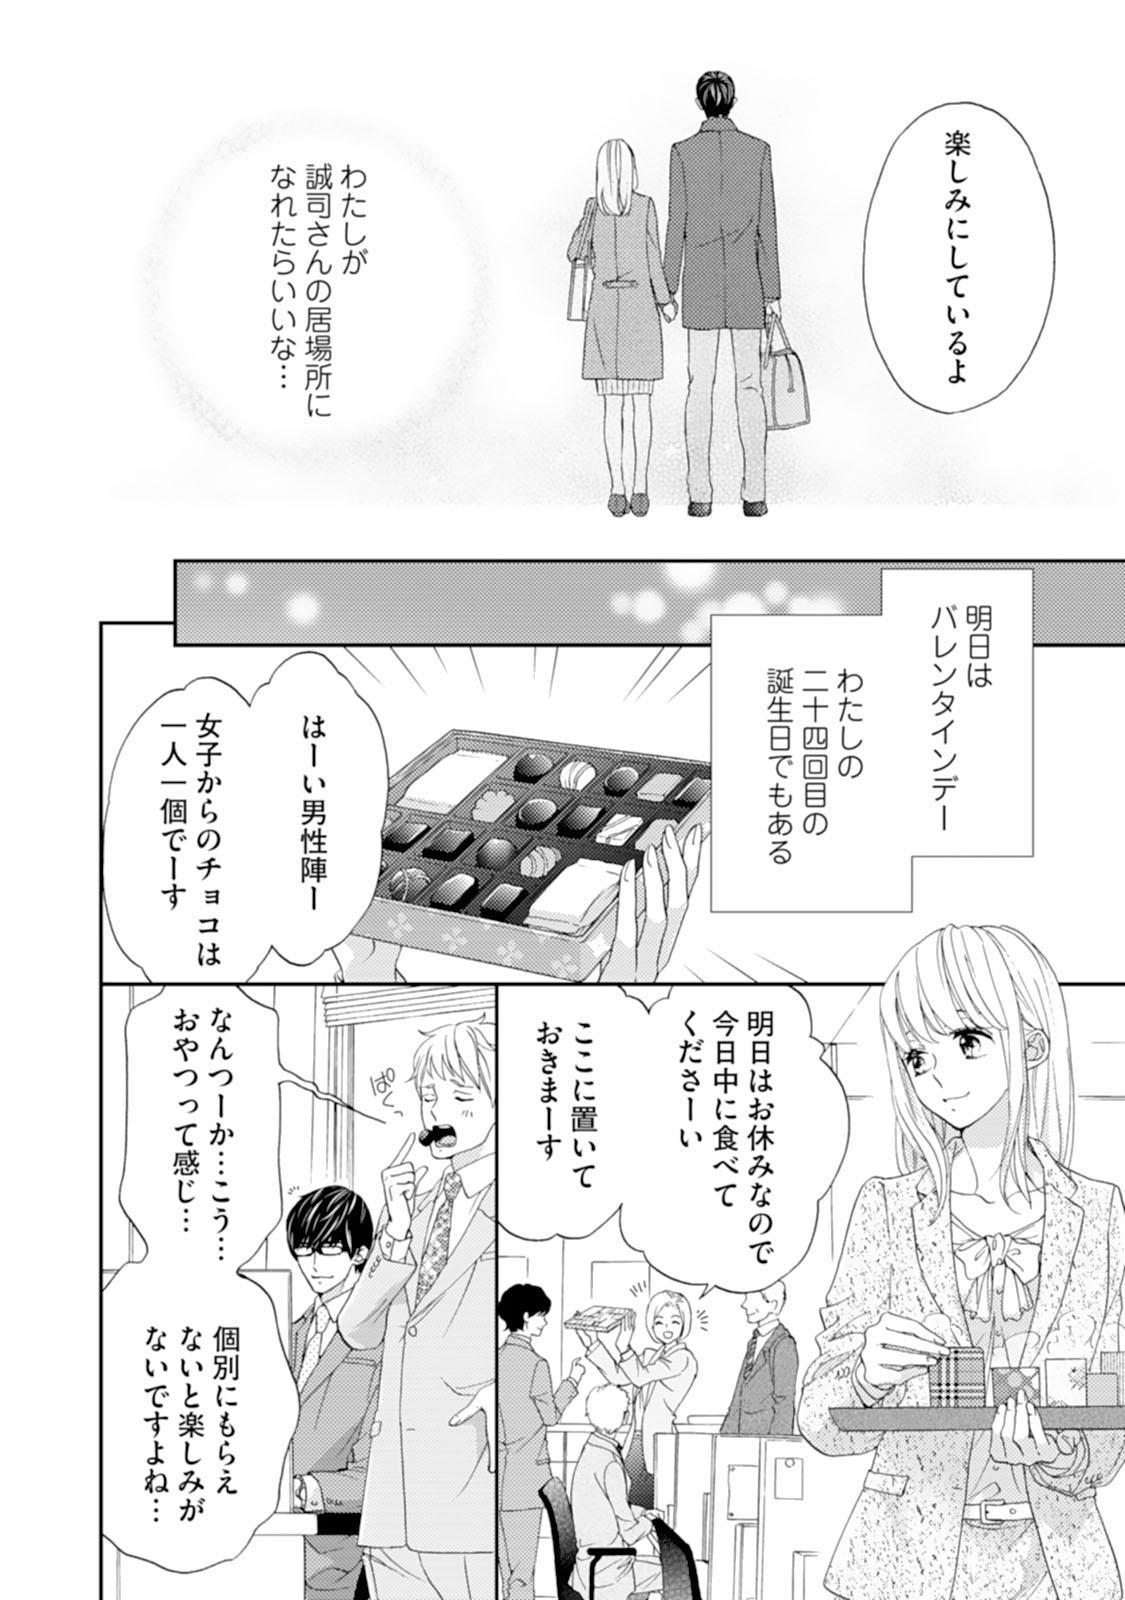 [Adumi Yuu] Choukyou-kei Danshi Ookami-sama to Koneko-chan Ch. 1-3 61